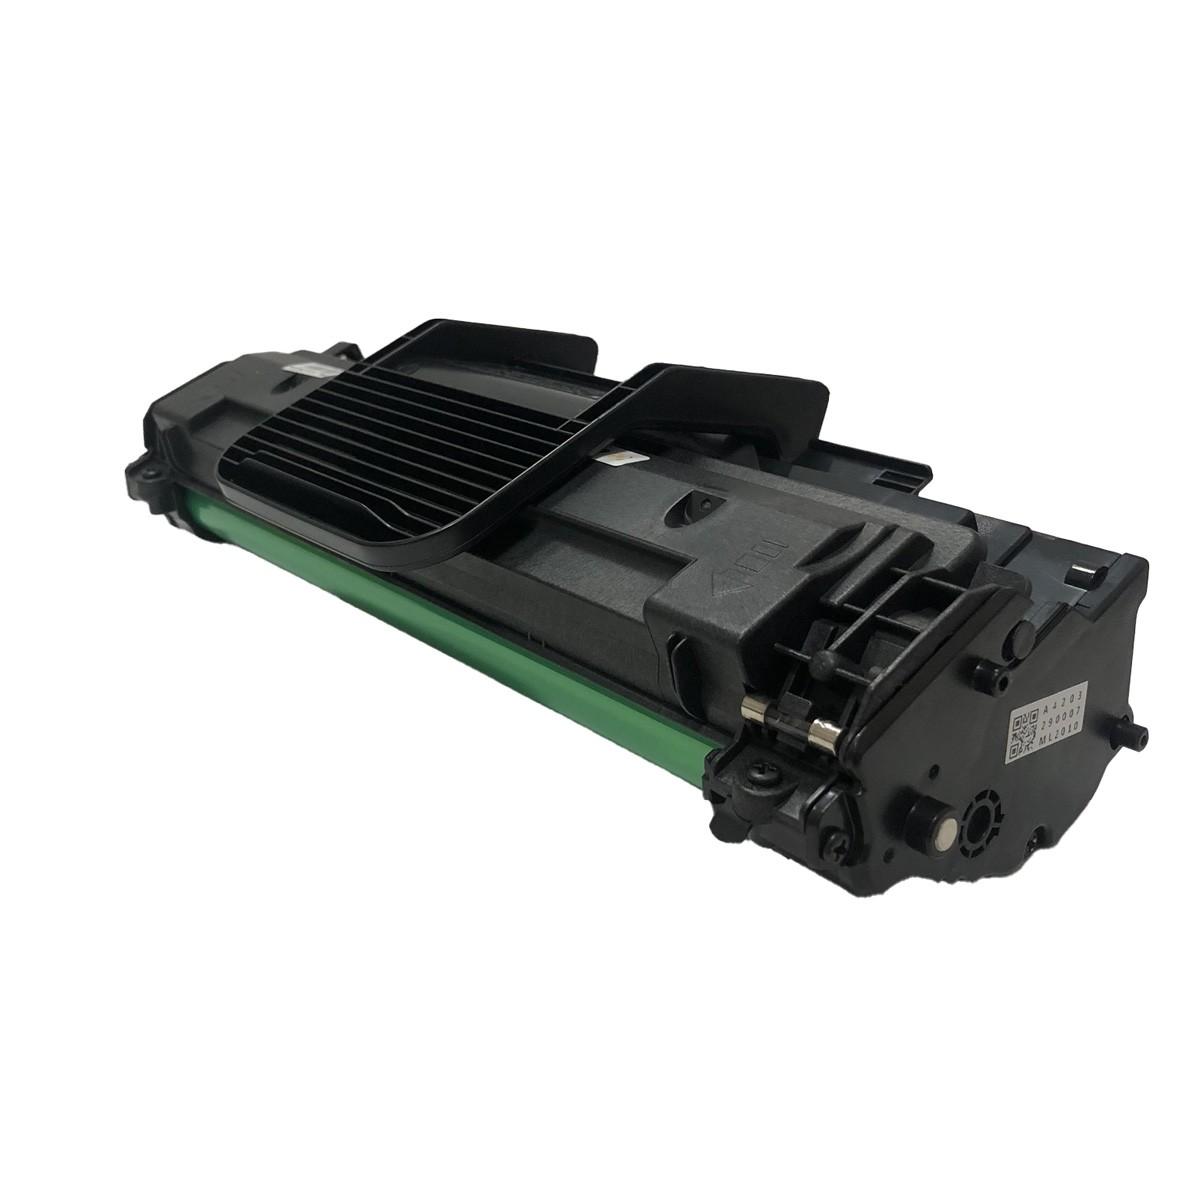 Toner ML1610 Evolut Compatível com 1610 4521 2010 da Samsung